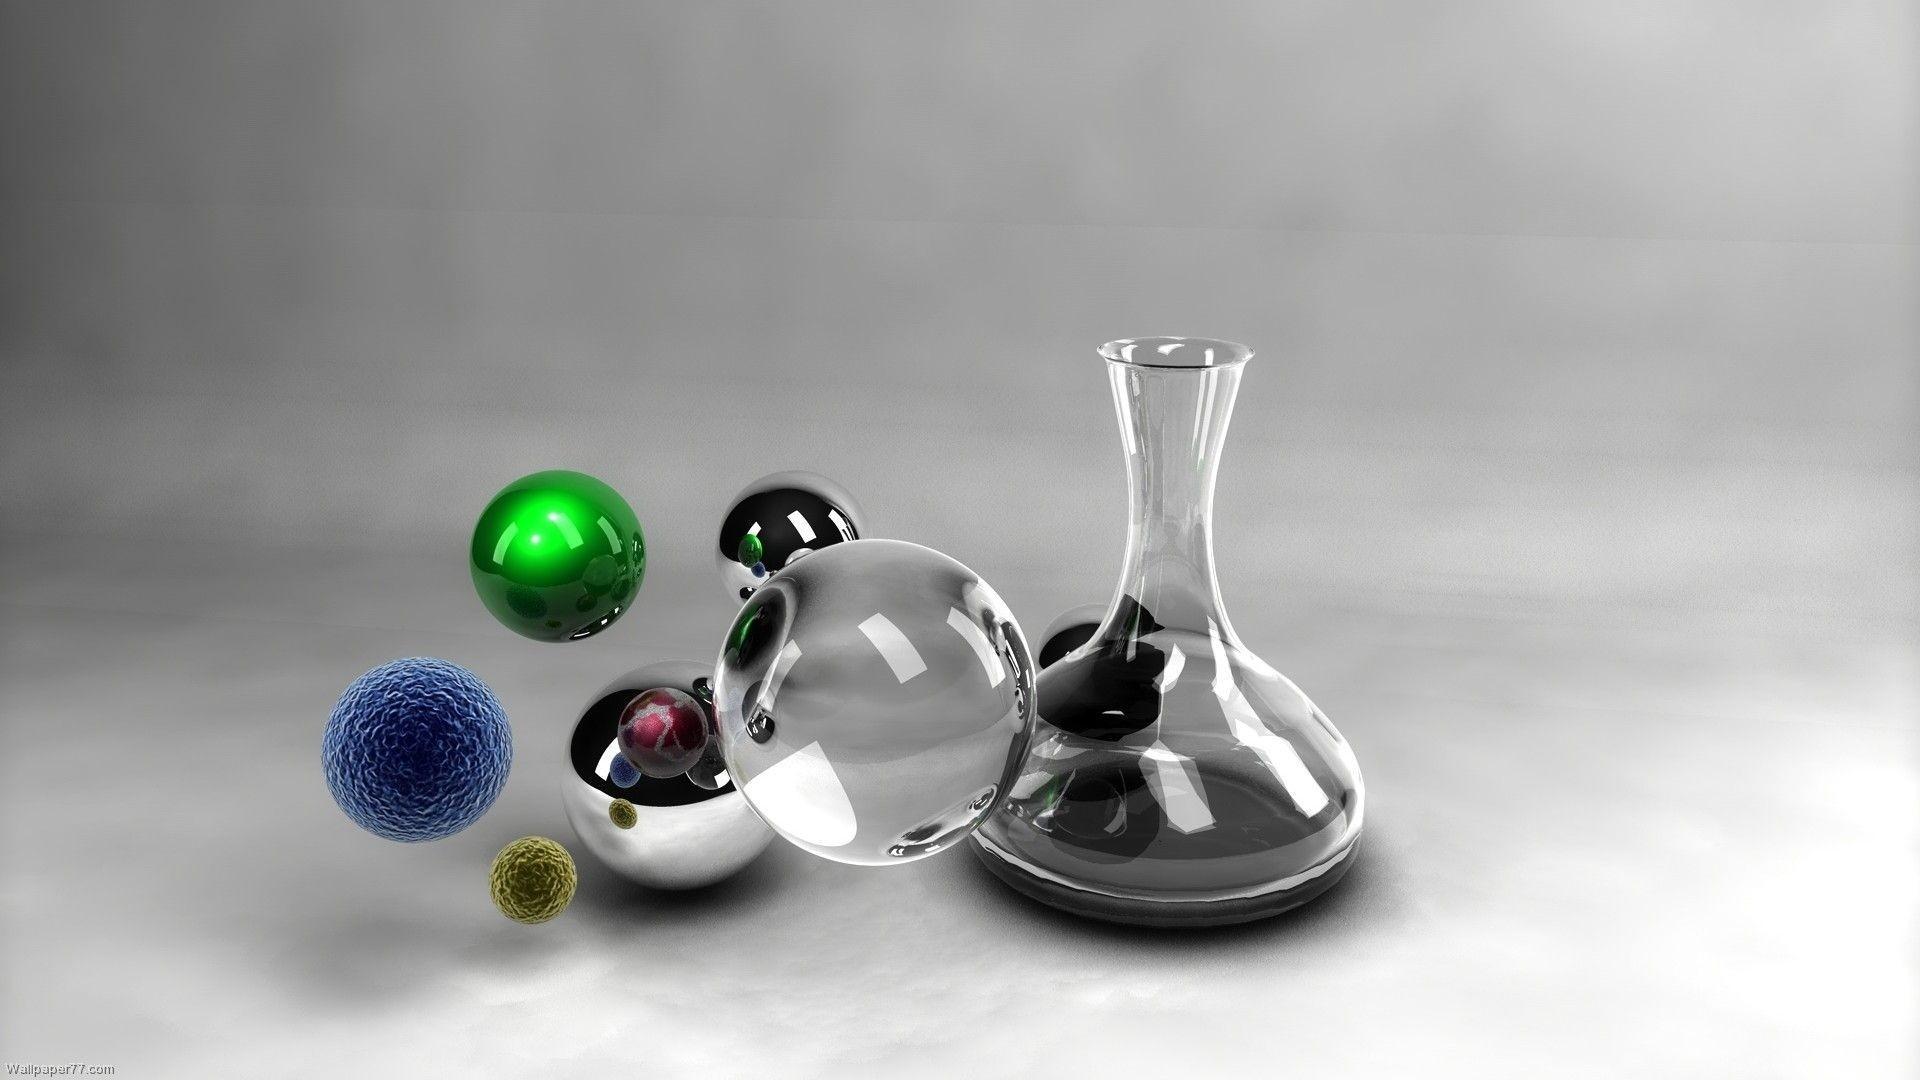 Science hd desktop wallpaper